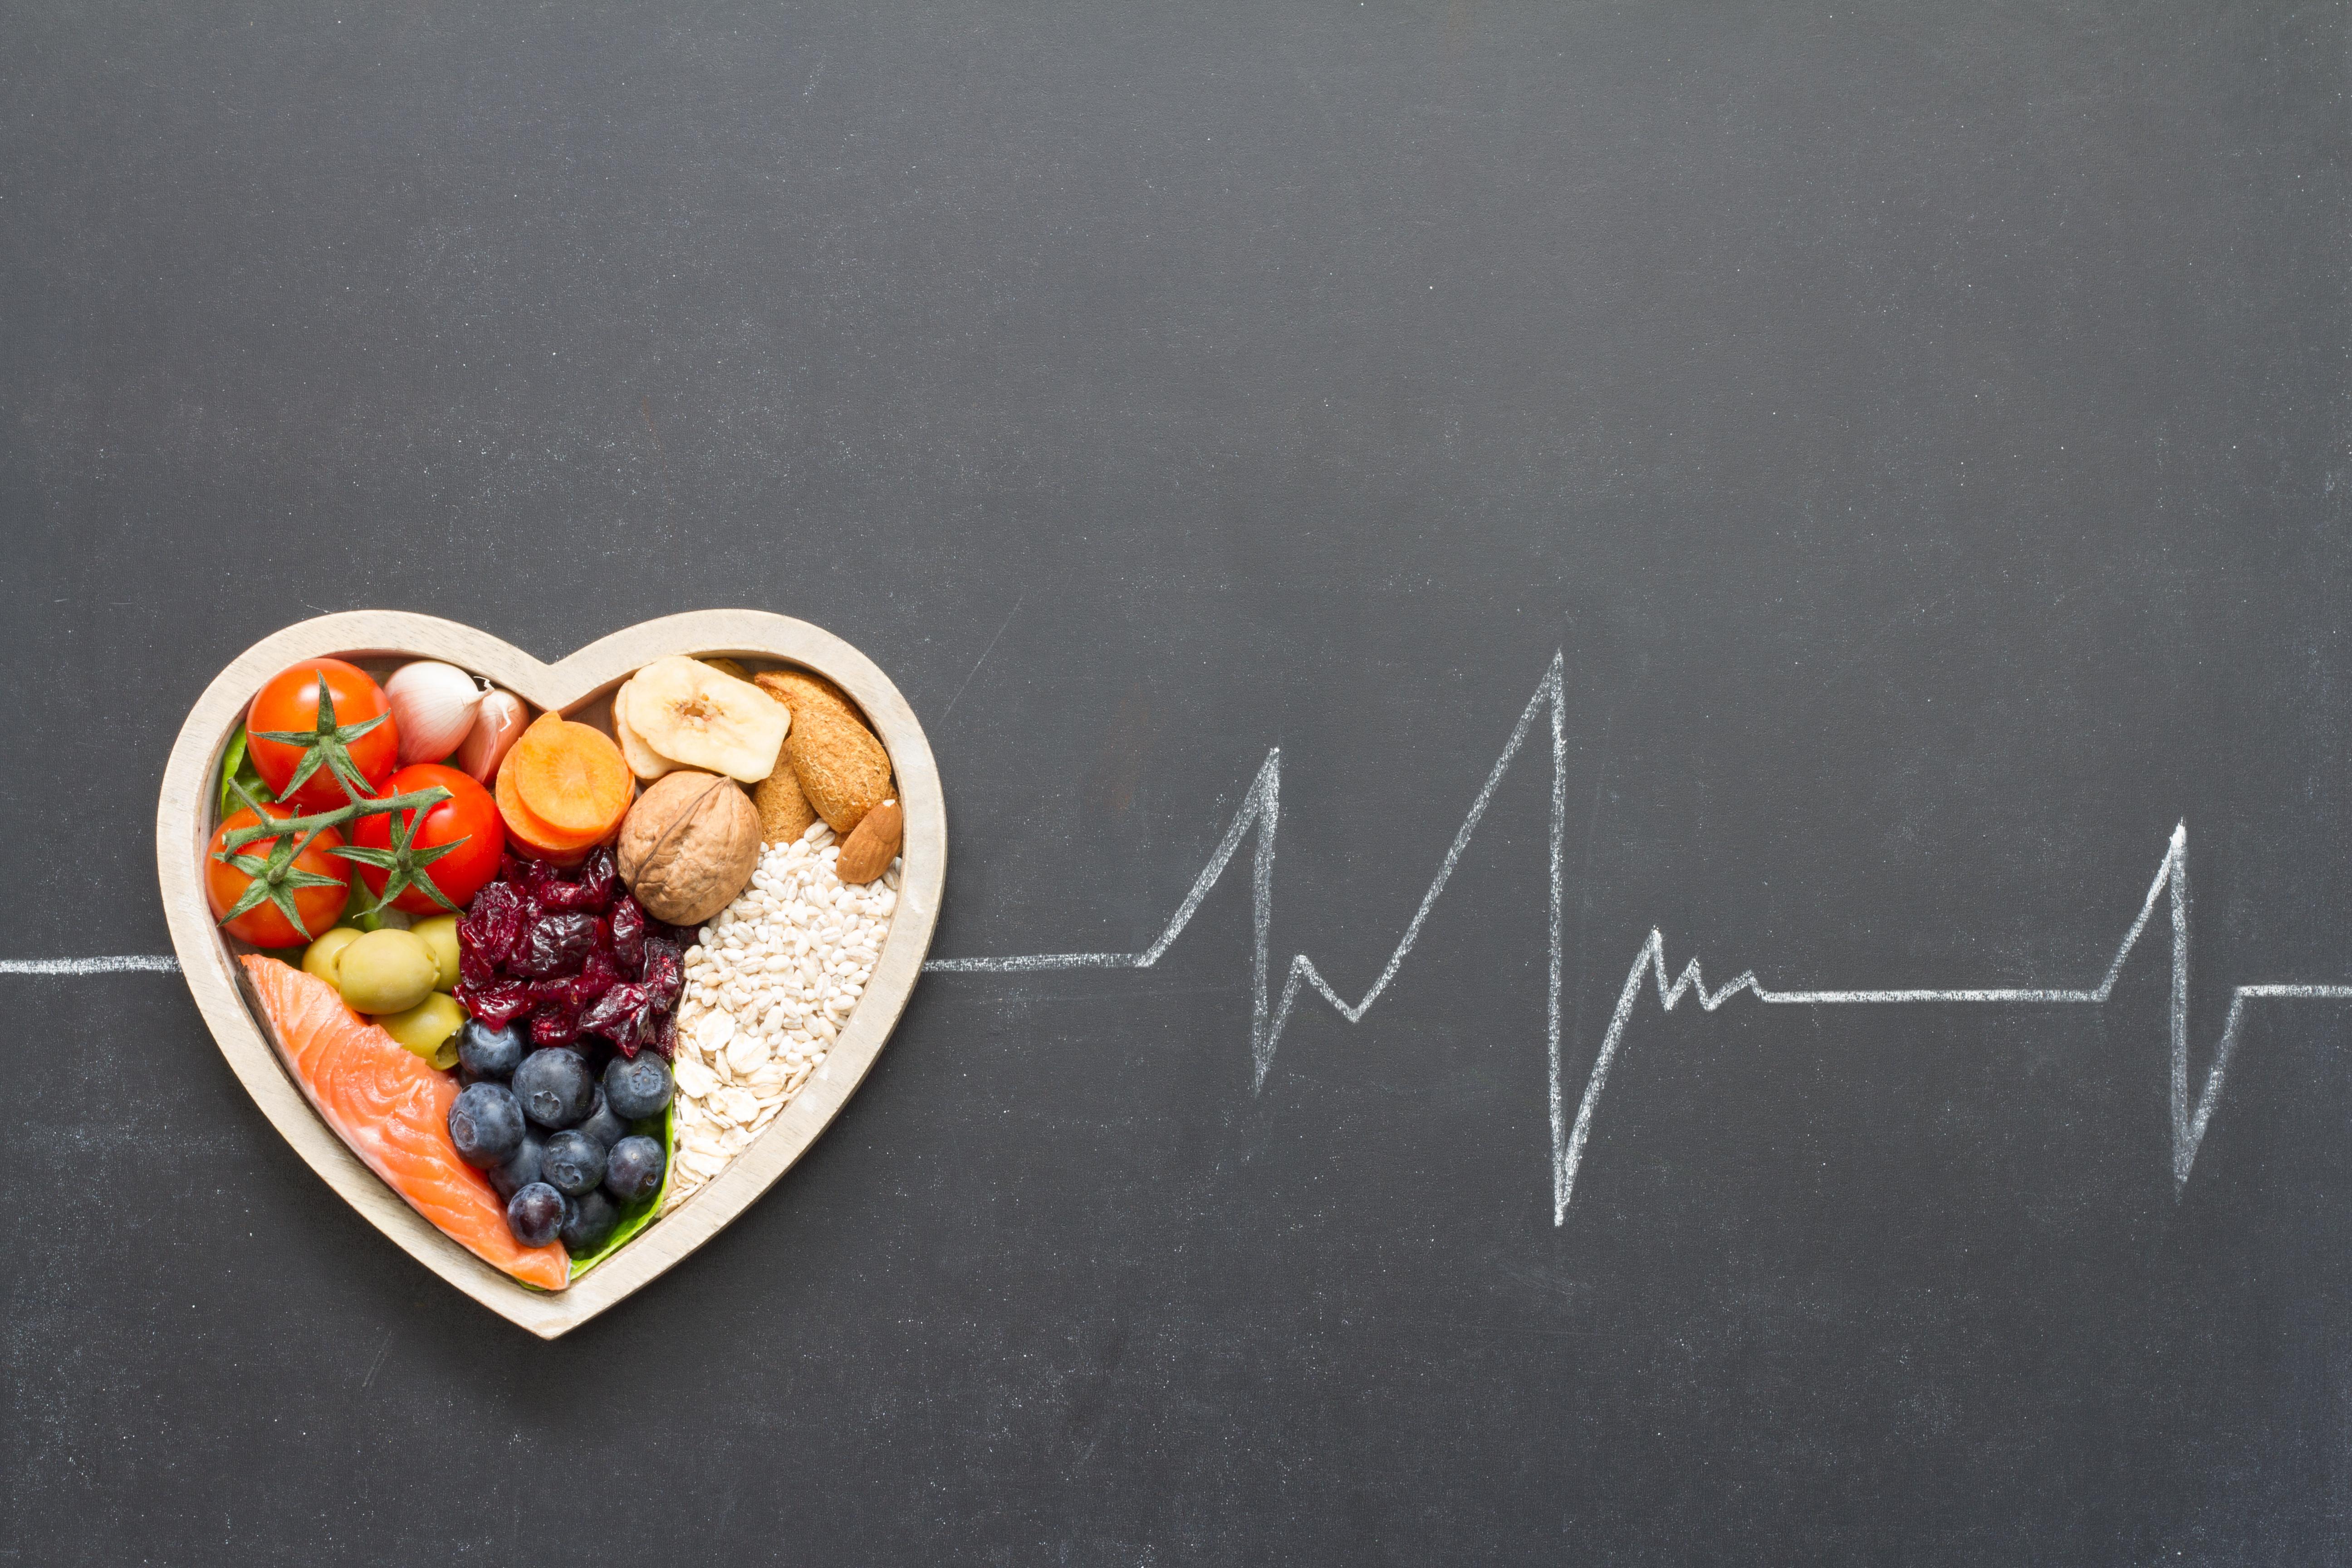 Que es la dieta paleo y en que consiste